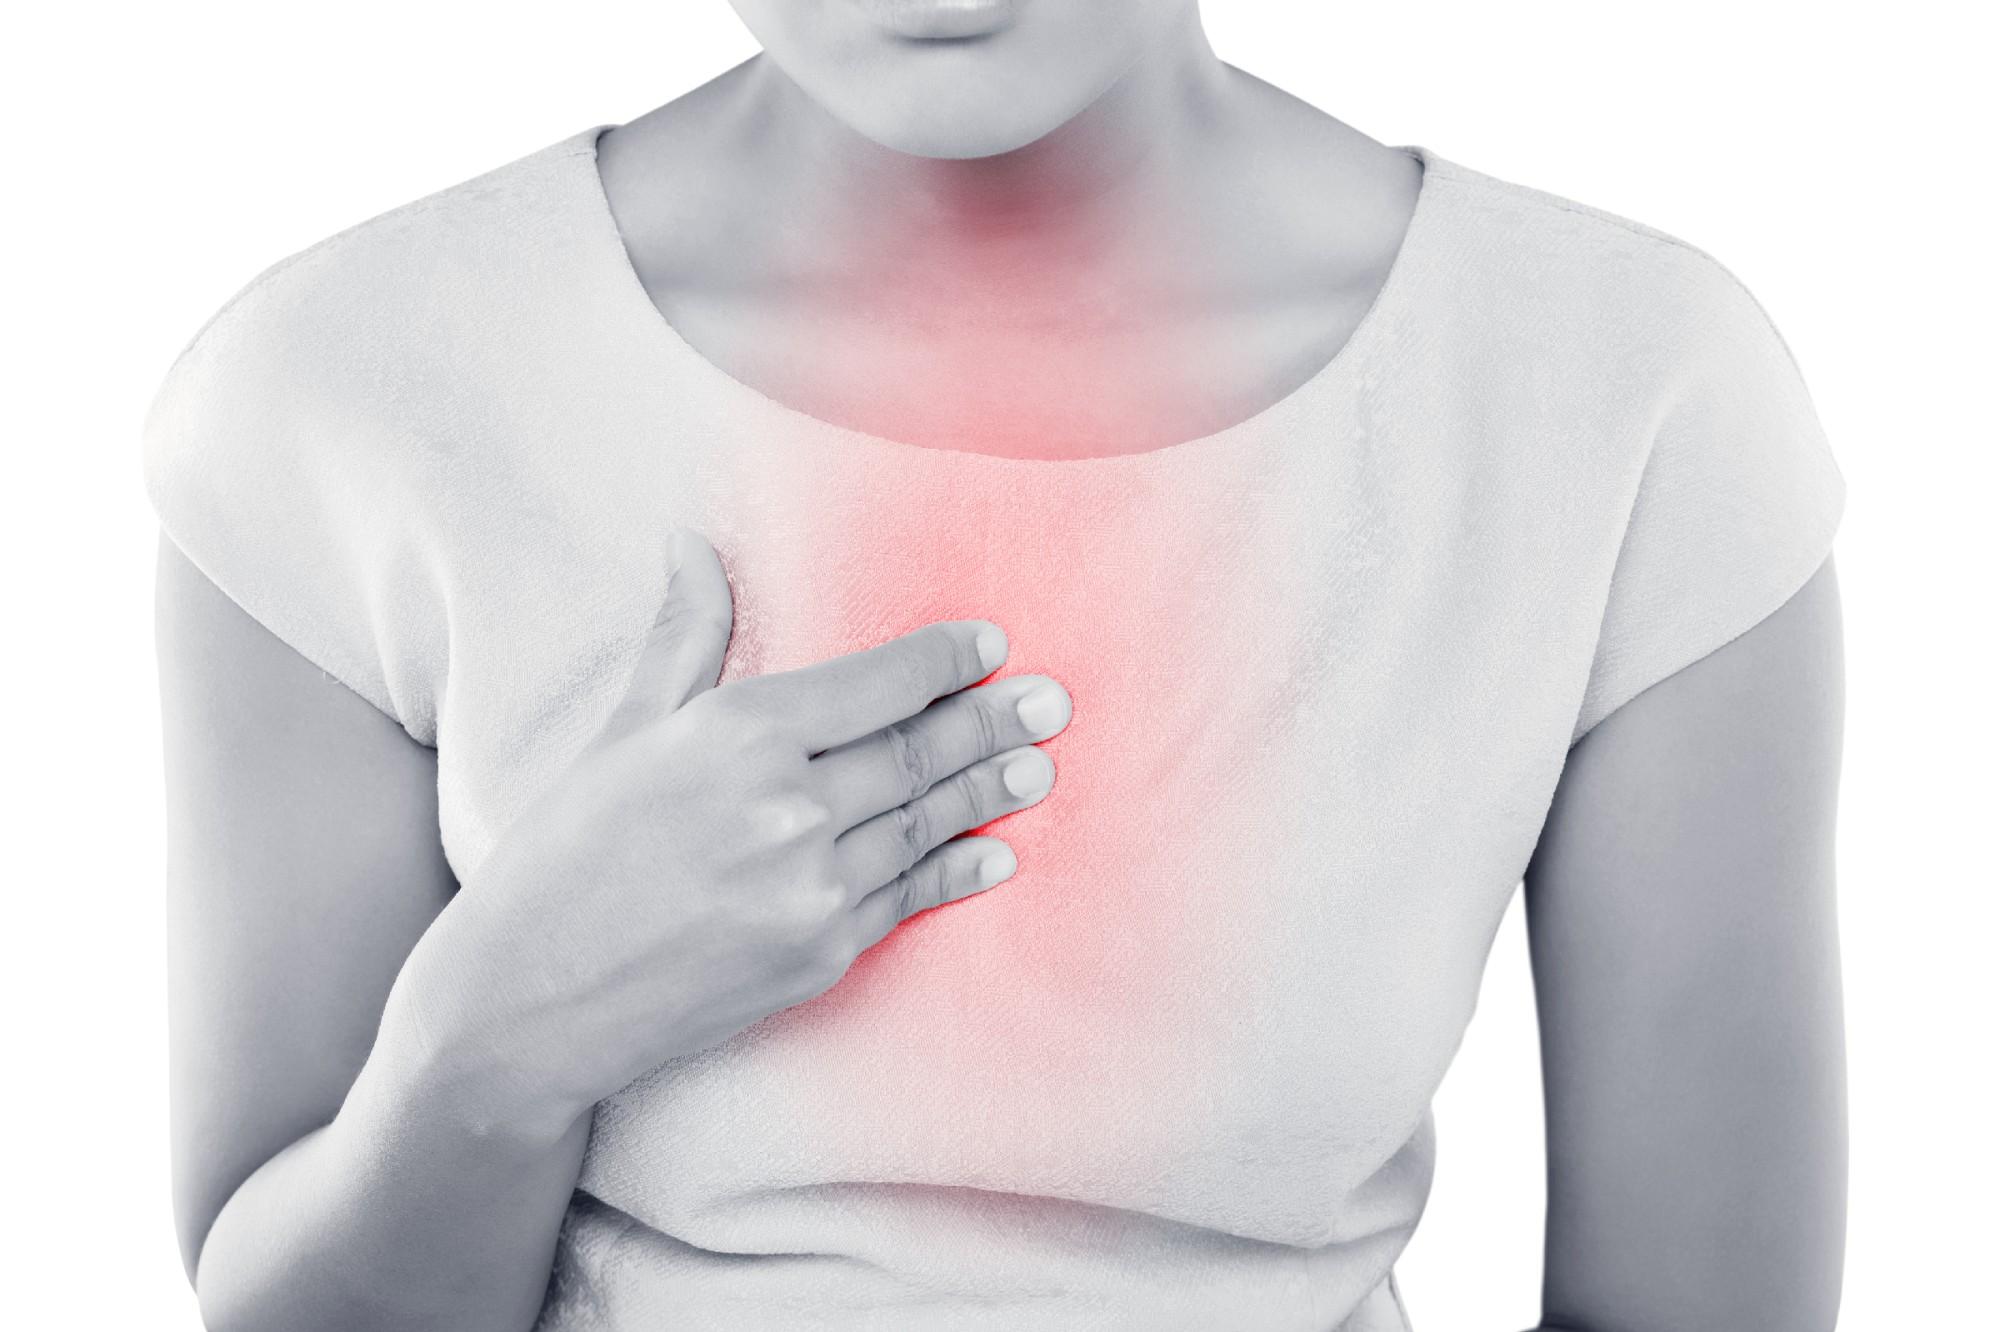 очаг боли в груди